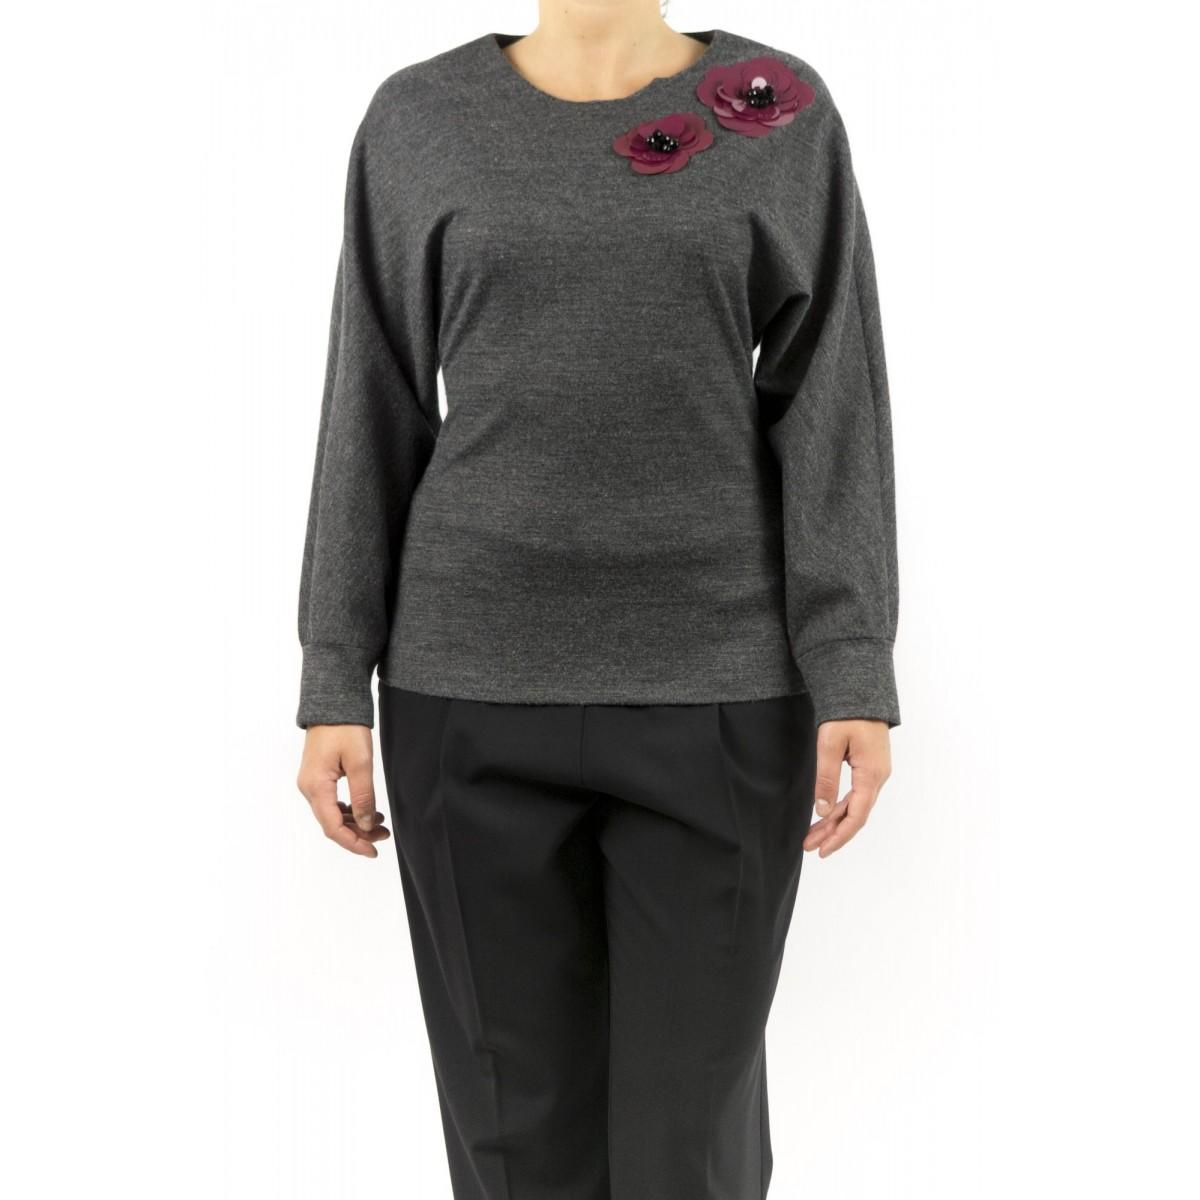 Pullover Erika Cavallini - Semicouture - P5I112 Felpa Con Applicazioni Fatta A Mano